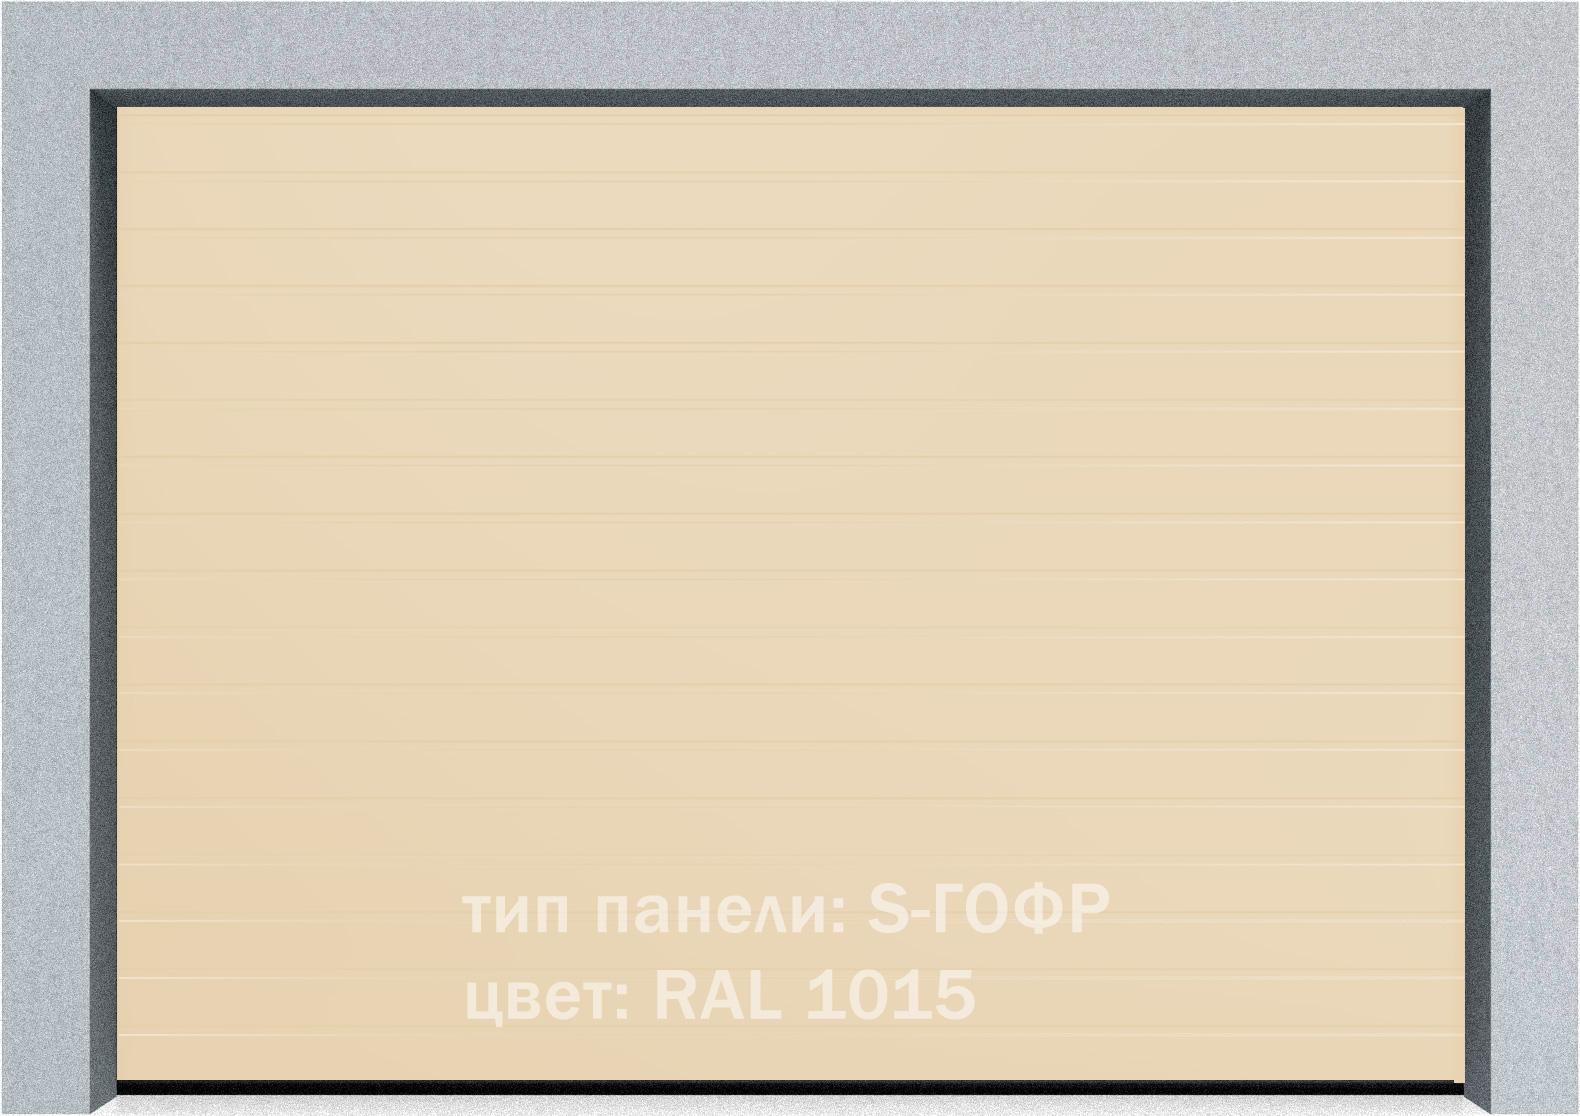 Секционные промышленные ворота Alutech ProTrend 2875х2375 S-гофр, Микроволна стандартные цвета, фото 4